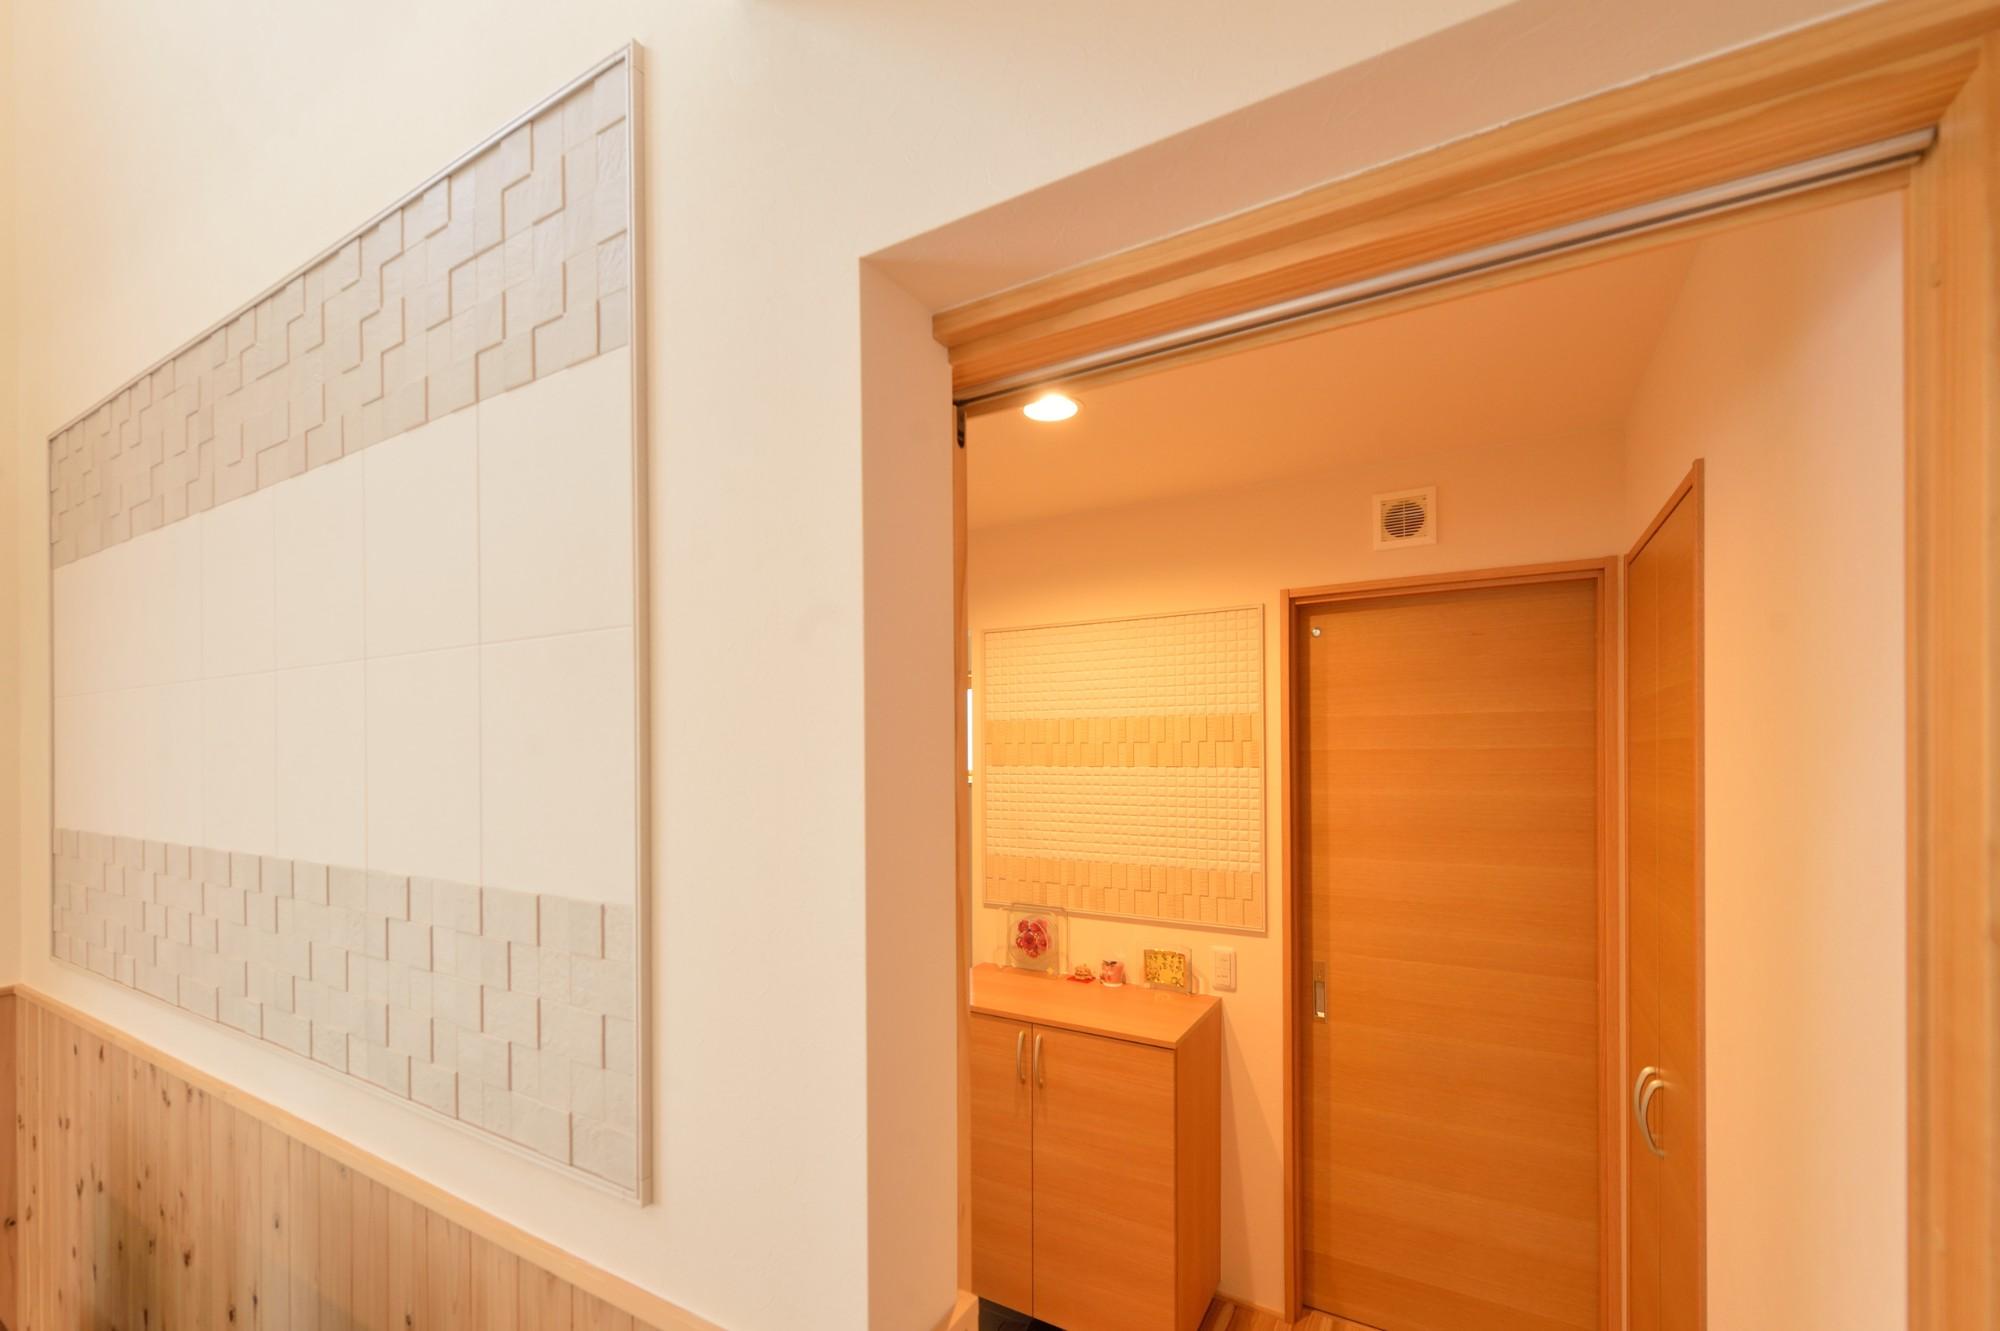 家'Sハセガワ株式会社「Living naturally 深呼吸したくなる家」のシンプル・ナチュラル・自然素材な廊下の実例写真